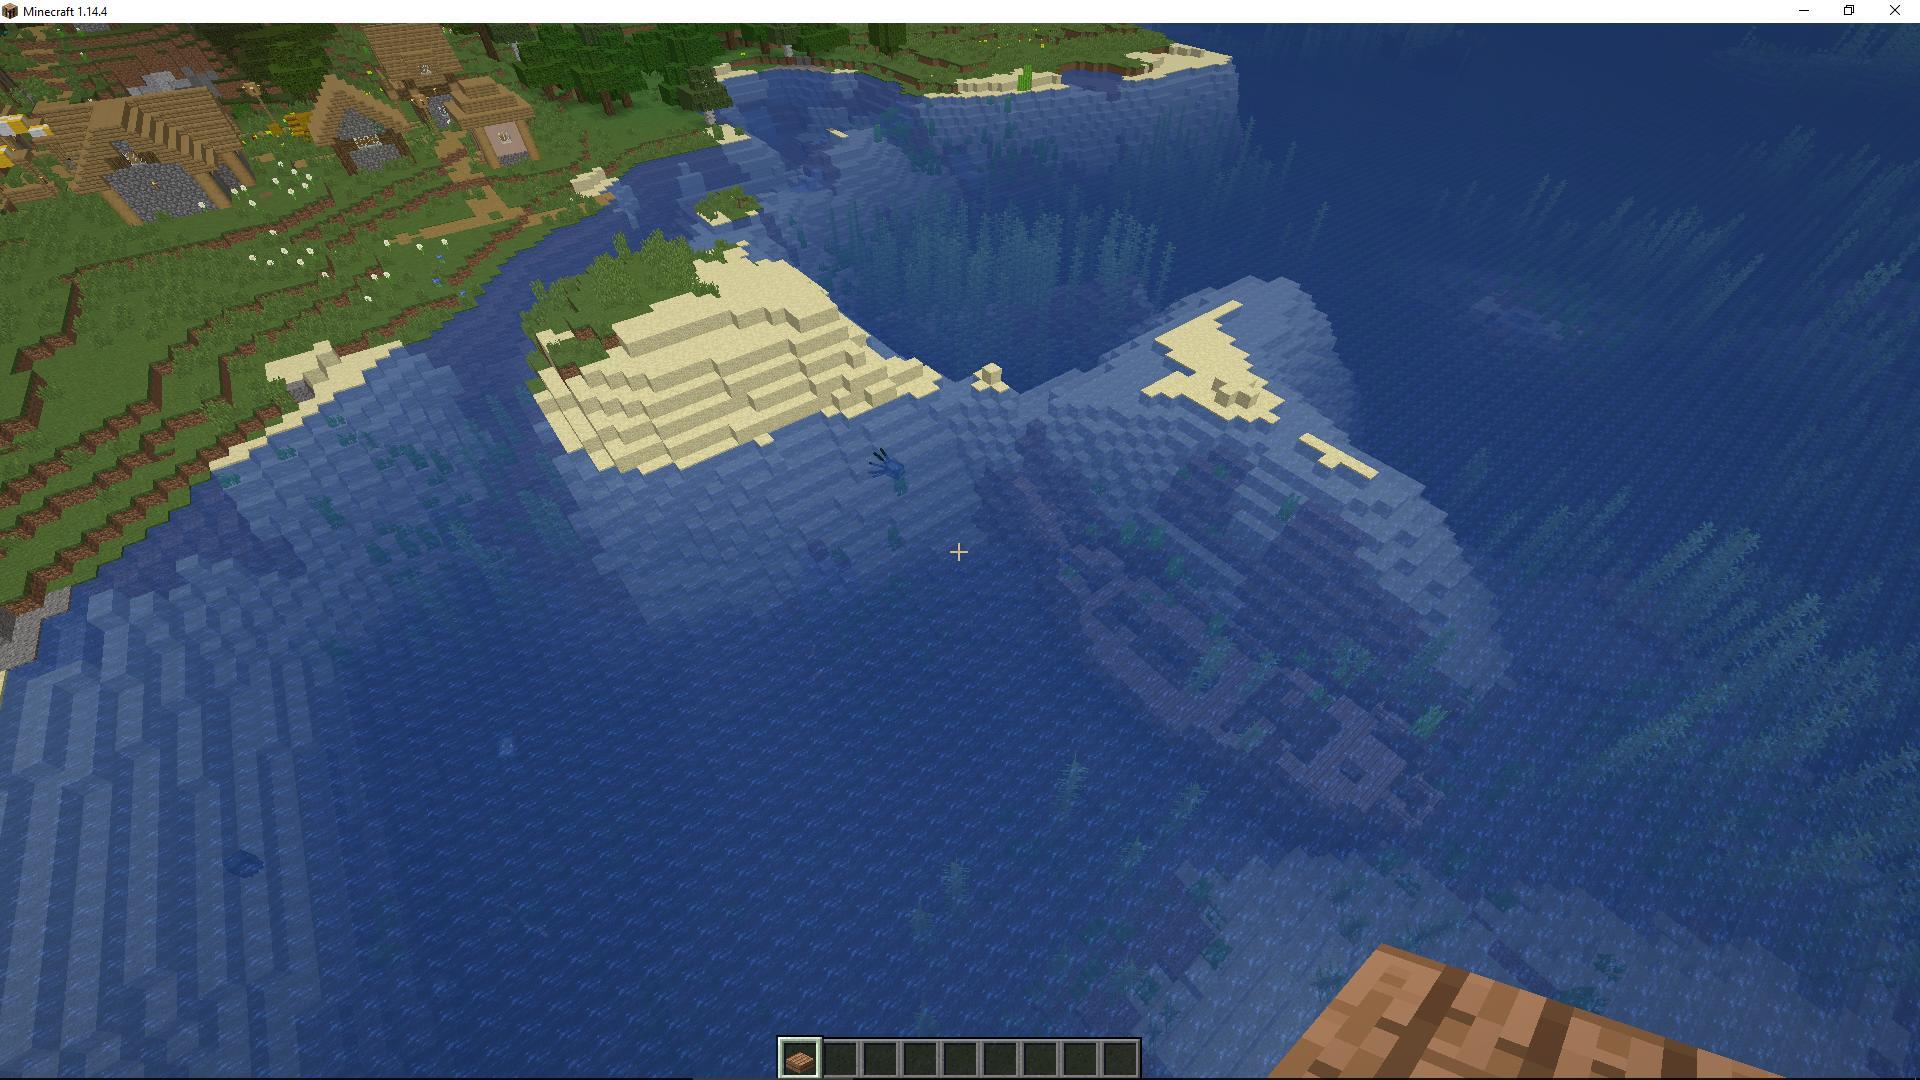 Сид «Два кораблекрушения, деревня и лесной остров» - скриншот 3